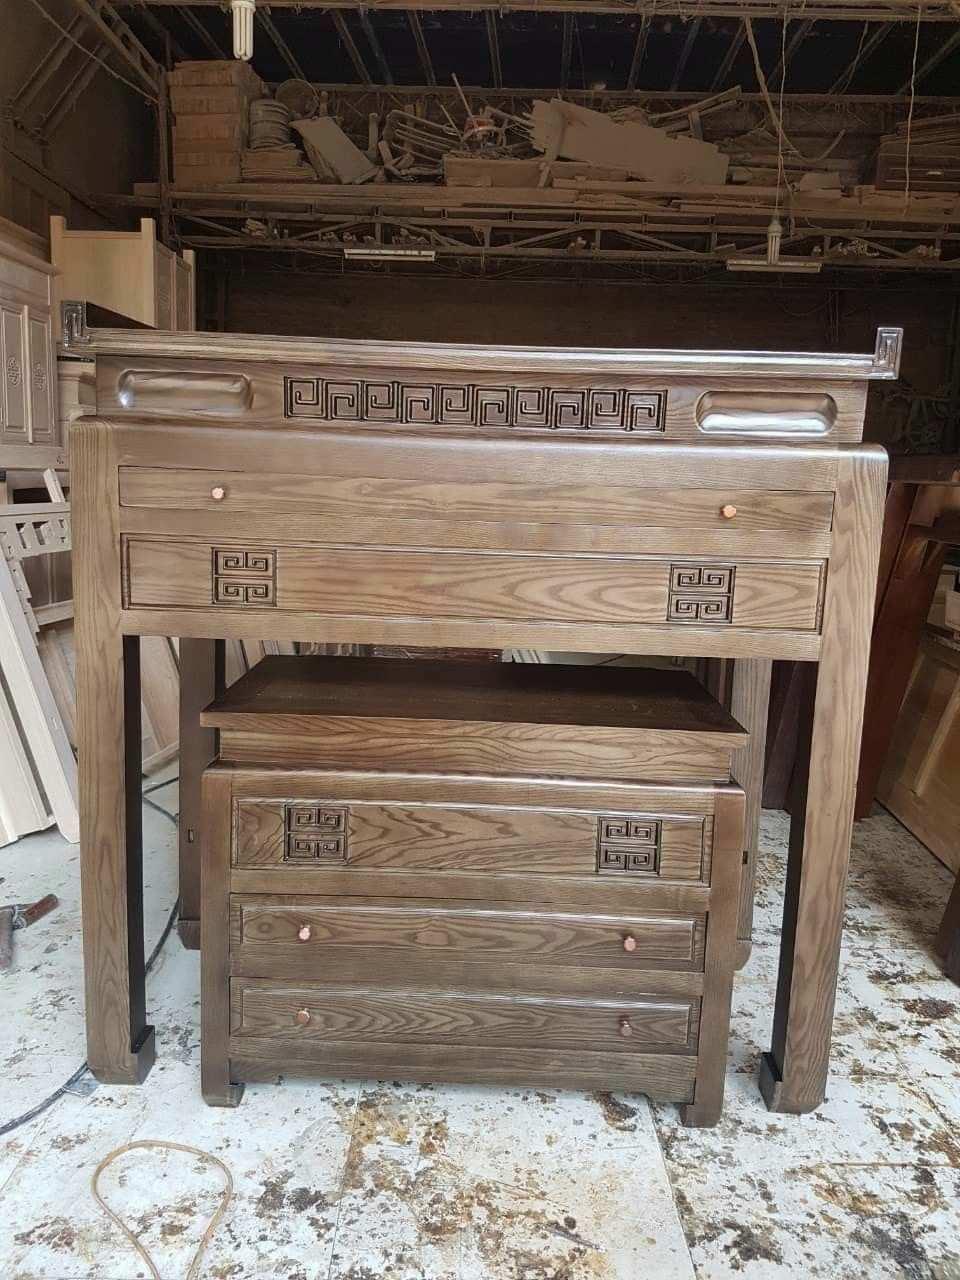 mẫu bàn thờ có tủ đồ ngắn kéo, đơn giản sang trọng